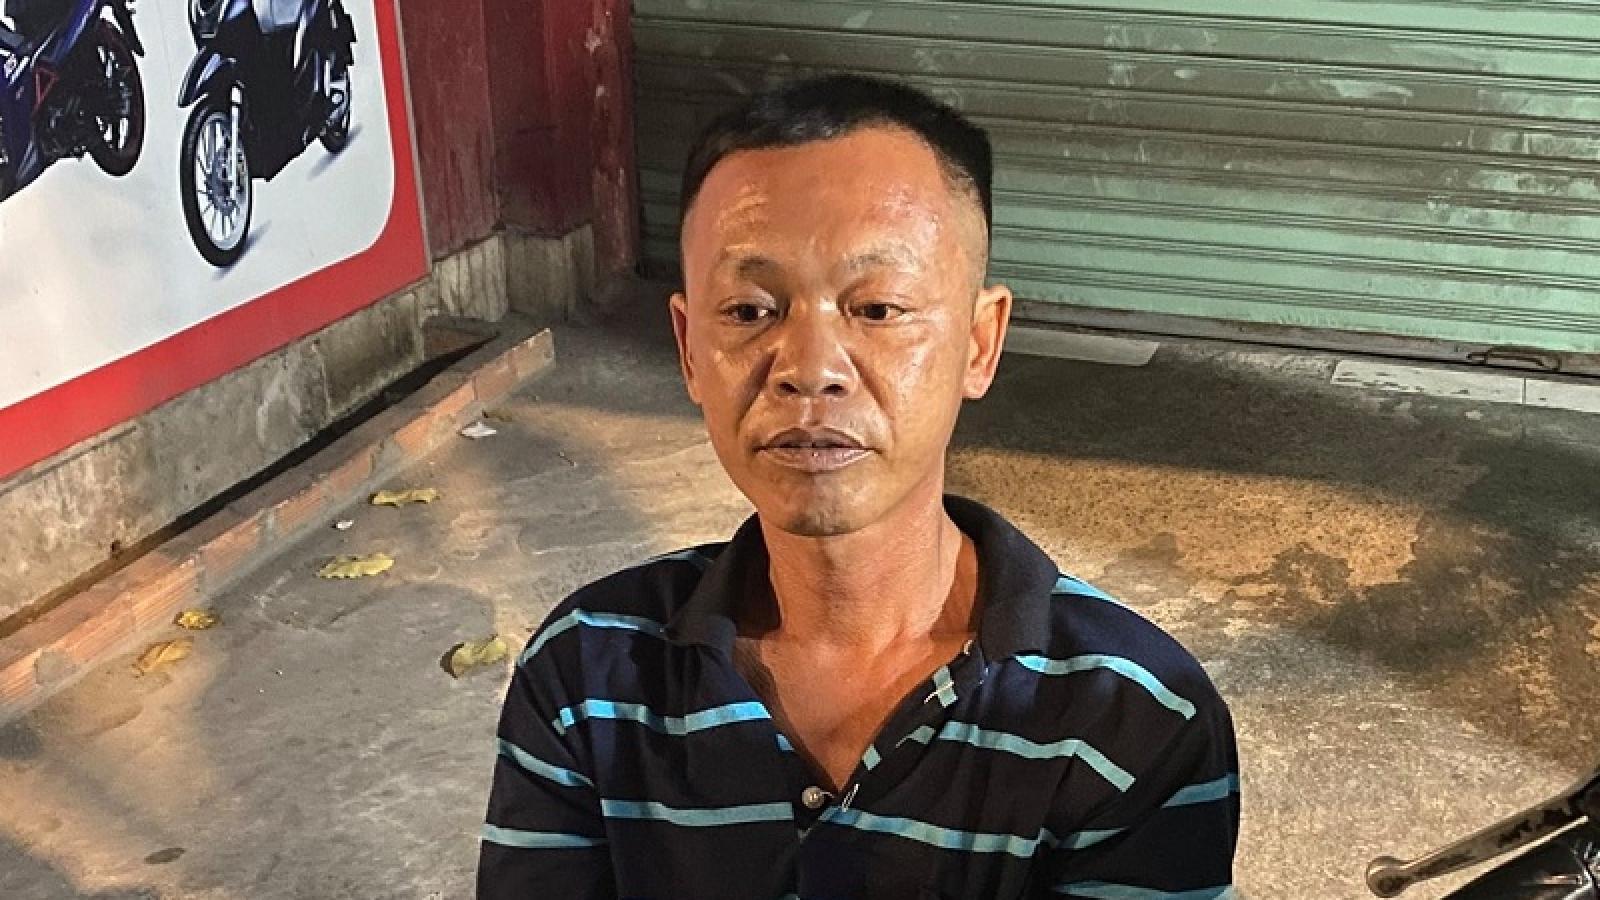 Khởi tố kẻ hiếp dâm bé gái 2 tuổi tạiBình Thuận